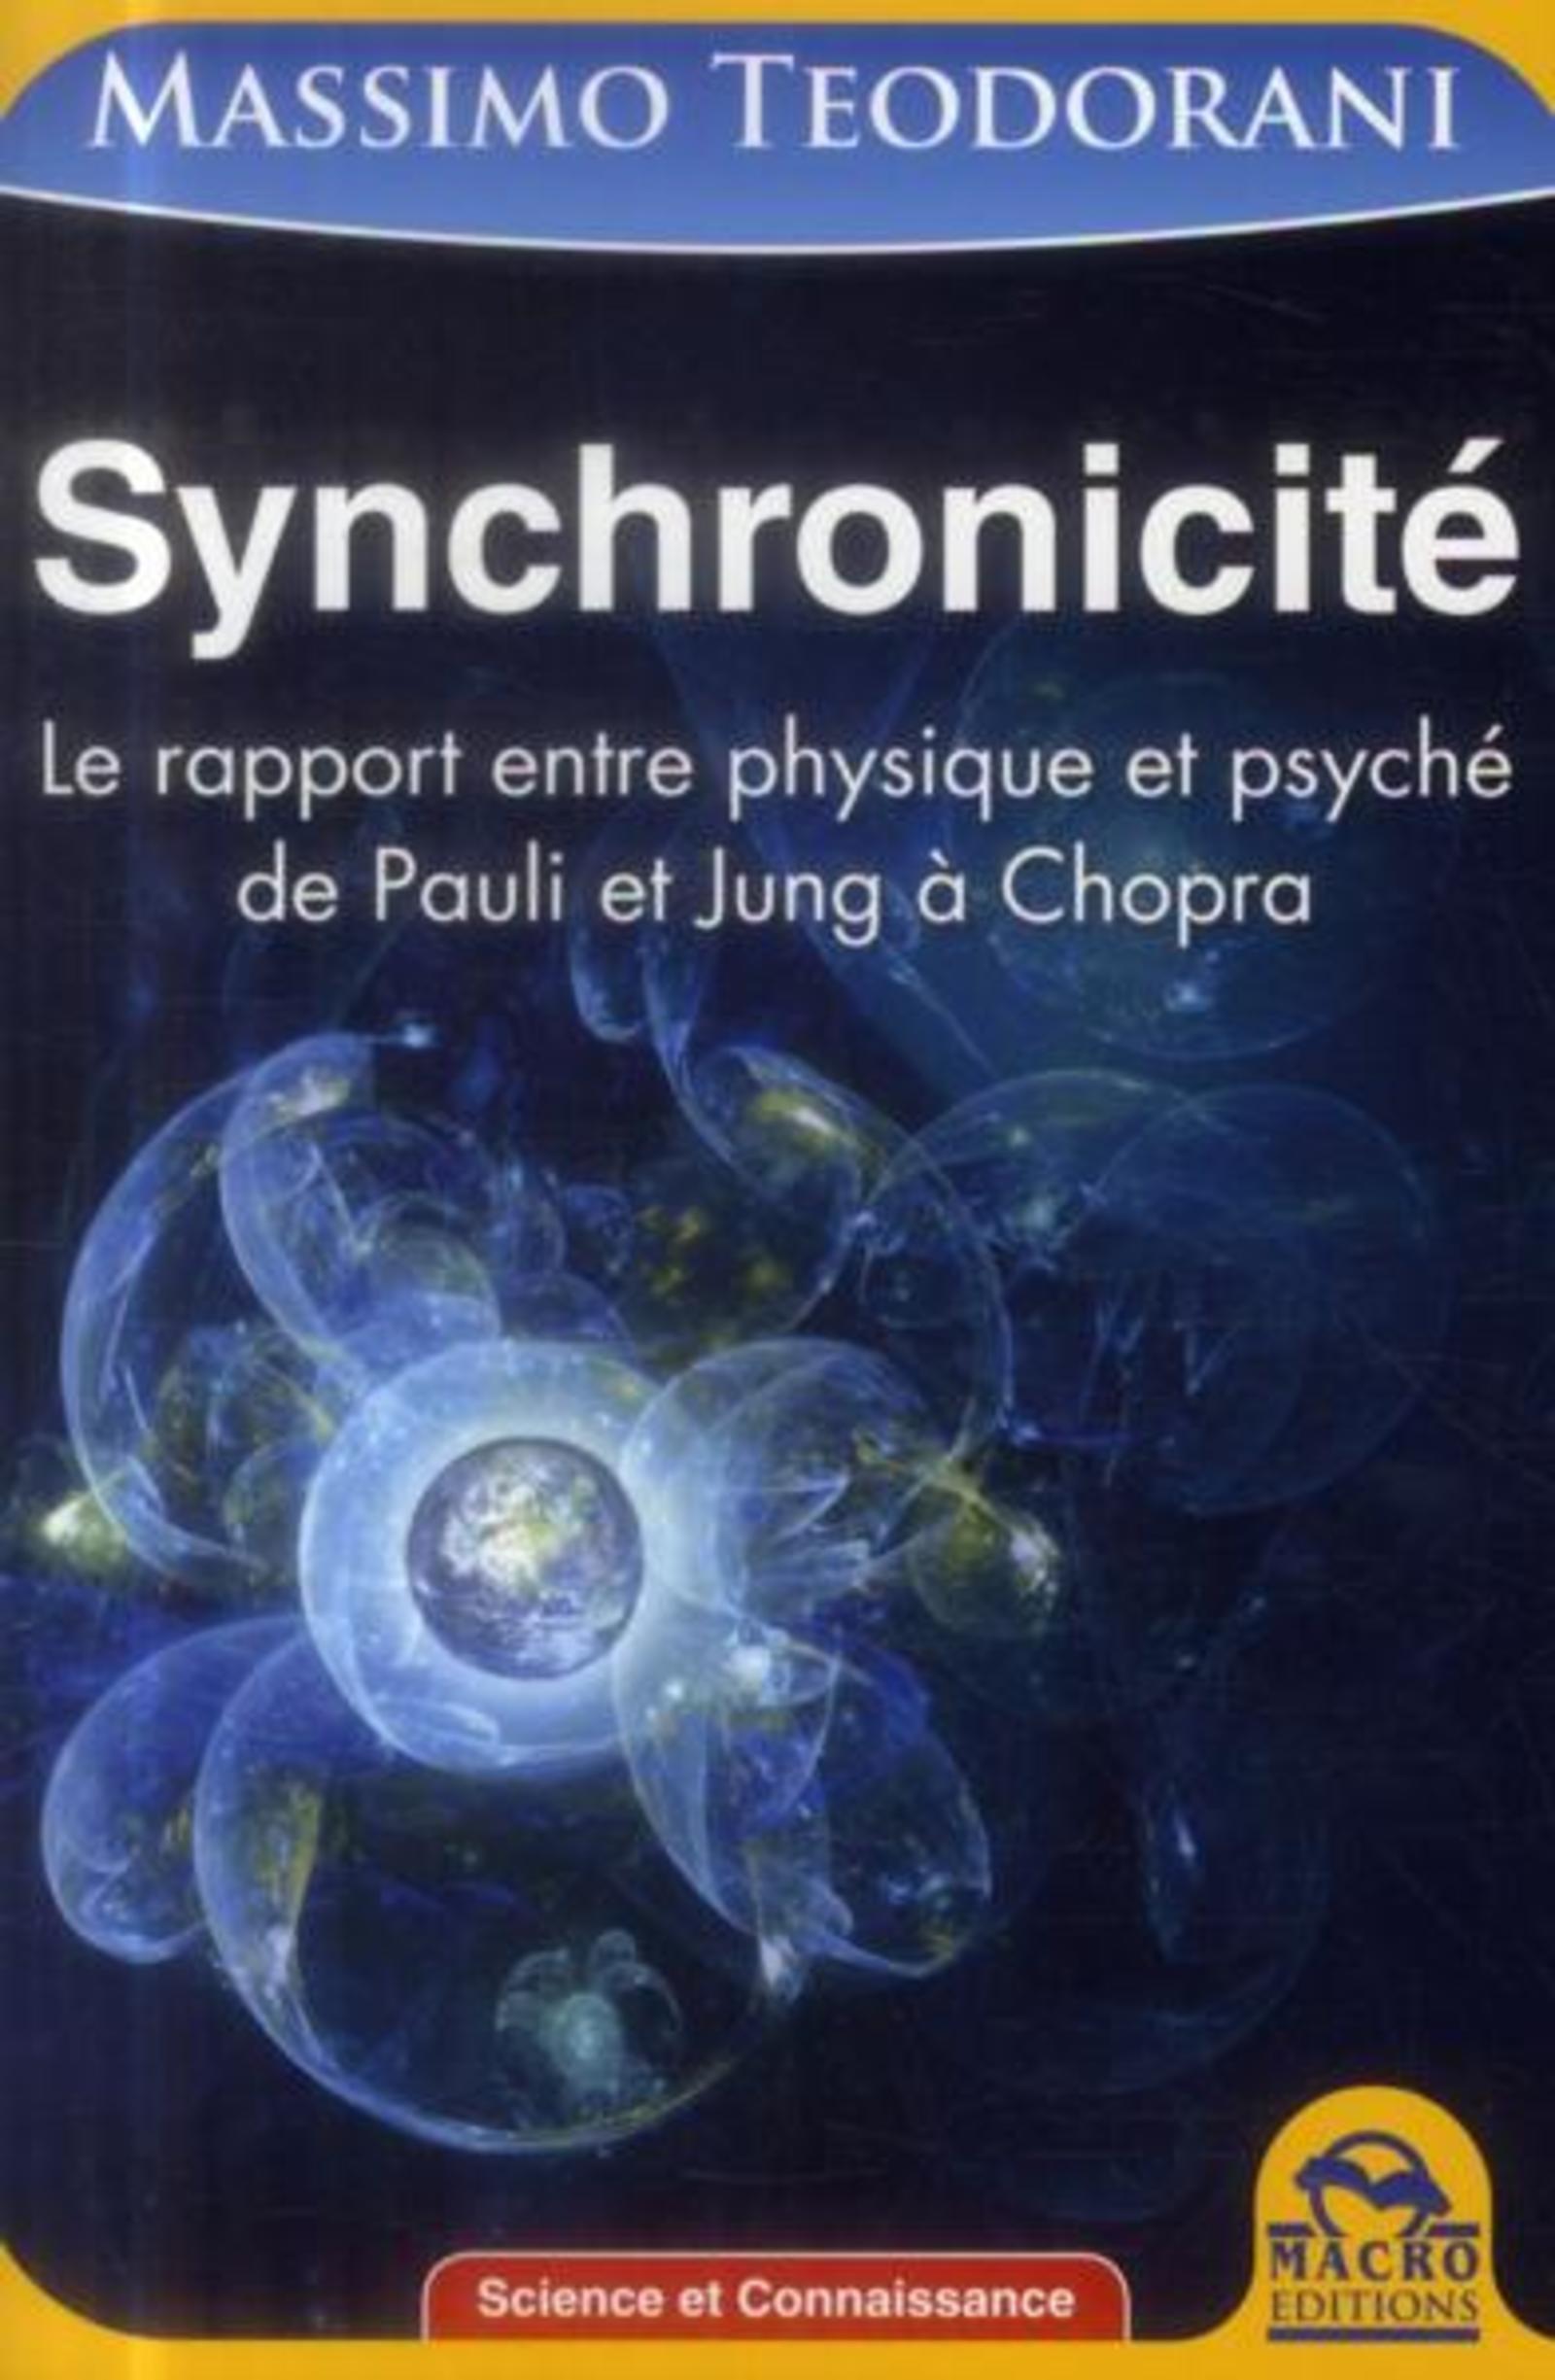 SYNCHRONICITE - LE RAPPORT ENTRE PHYSIQUE ET PSYCHE DE PAULIET JUNG A CHOPRA